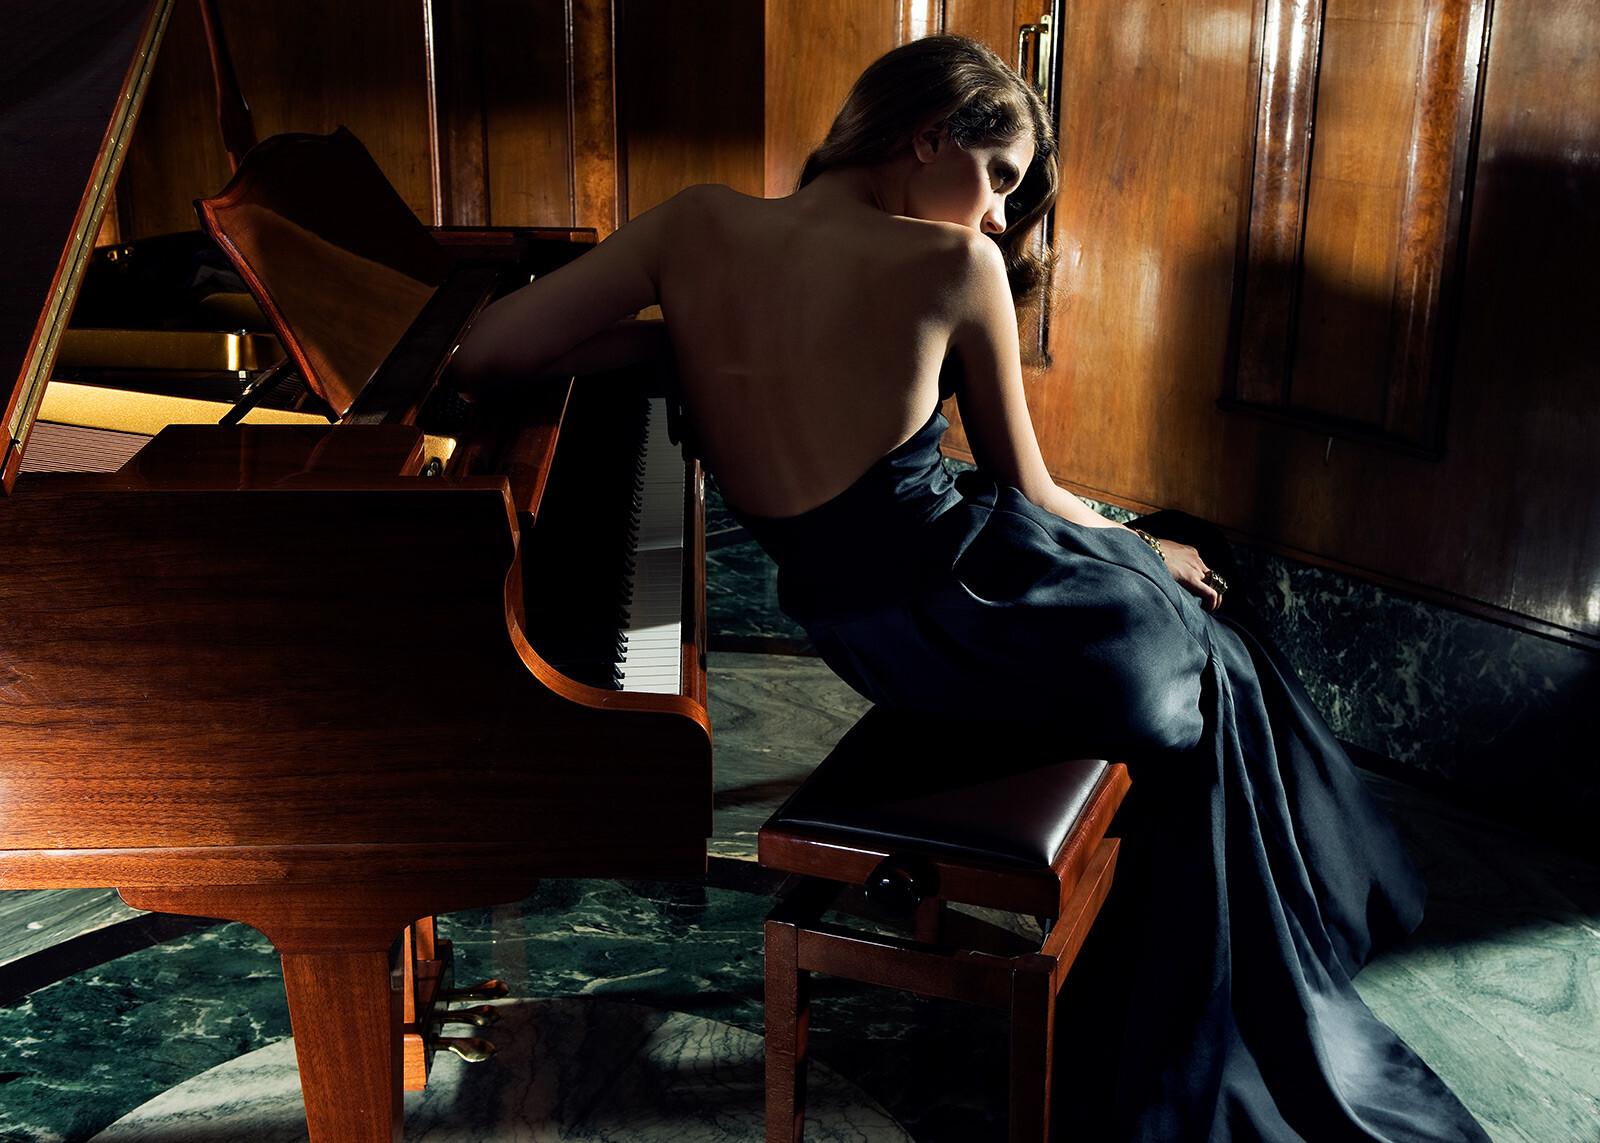 She plays piano - Gianluca Fontana